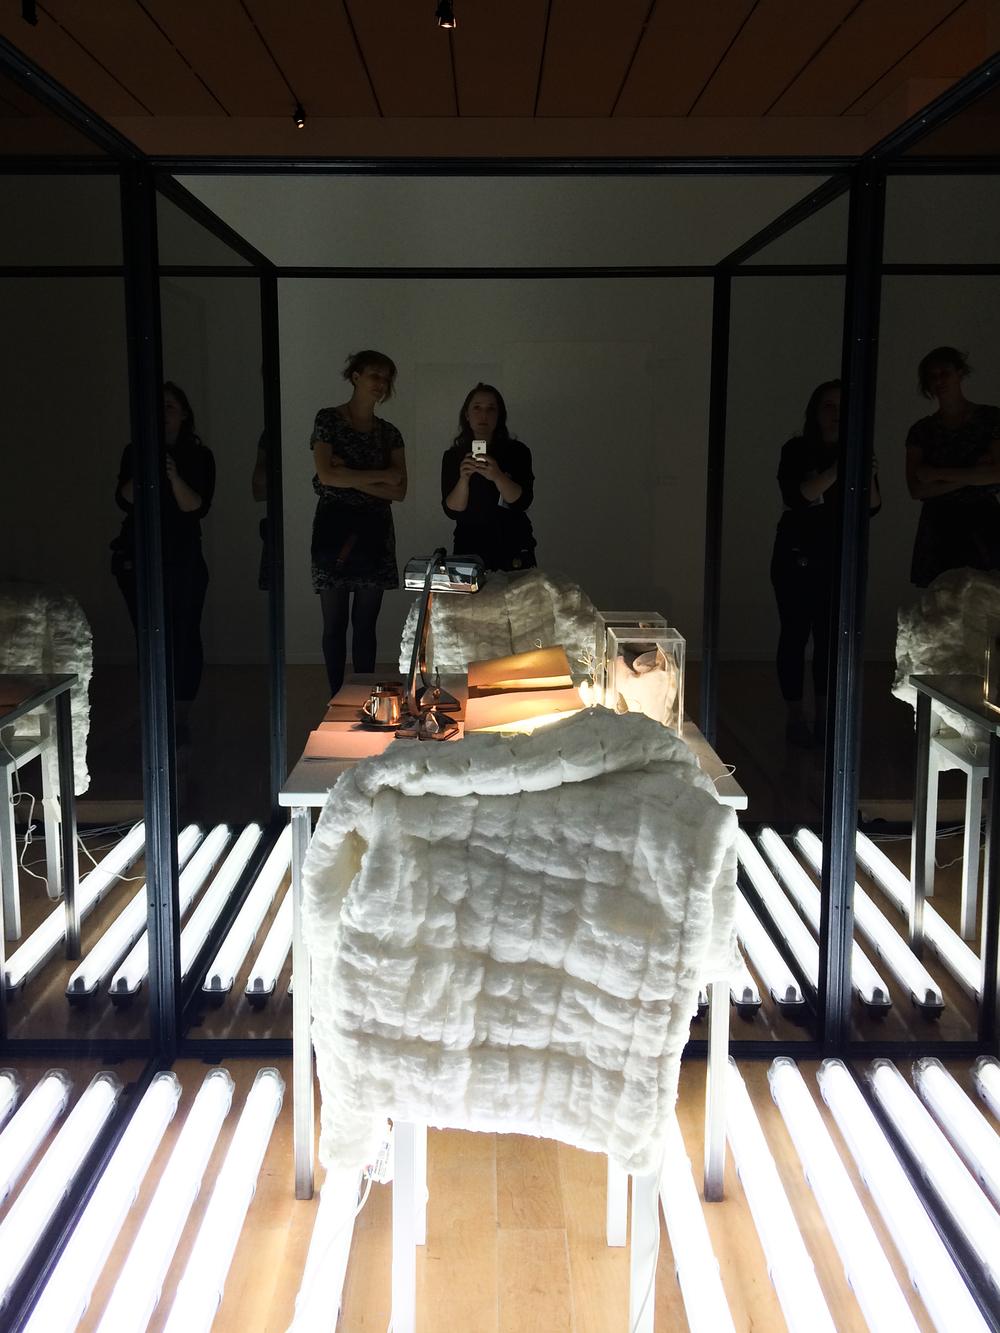 Laura Lamiel,Deux cellules, création Biennale 2015.Installation in two parts: iron structure, mirrors, enamelled, steel, various elements,170 x 170 x 200 cm each.Courtesy Marcelle Alix, Paris.